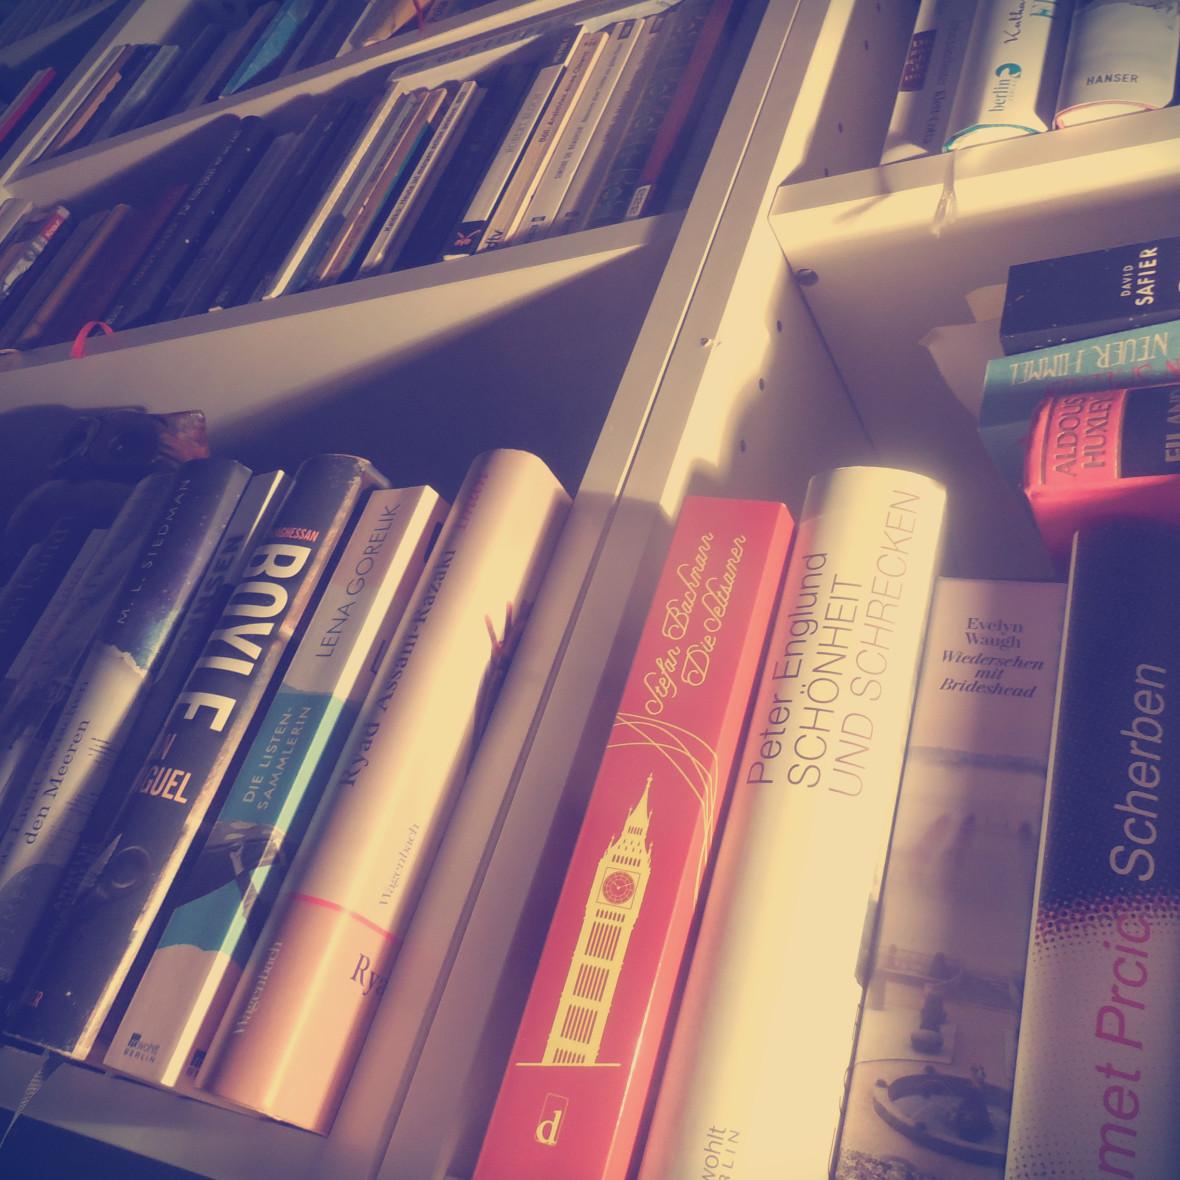 Literaturen